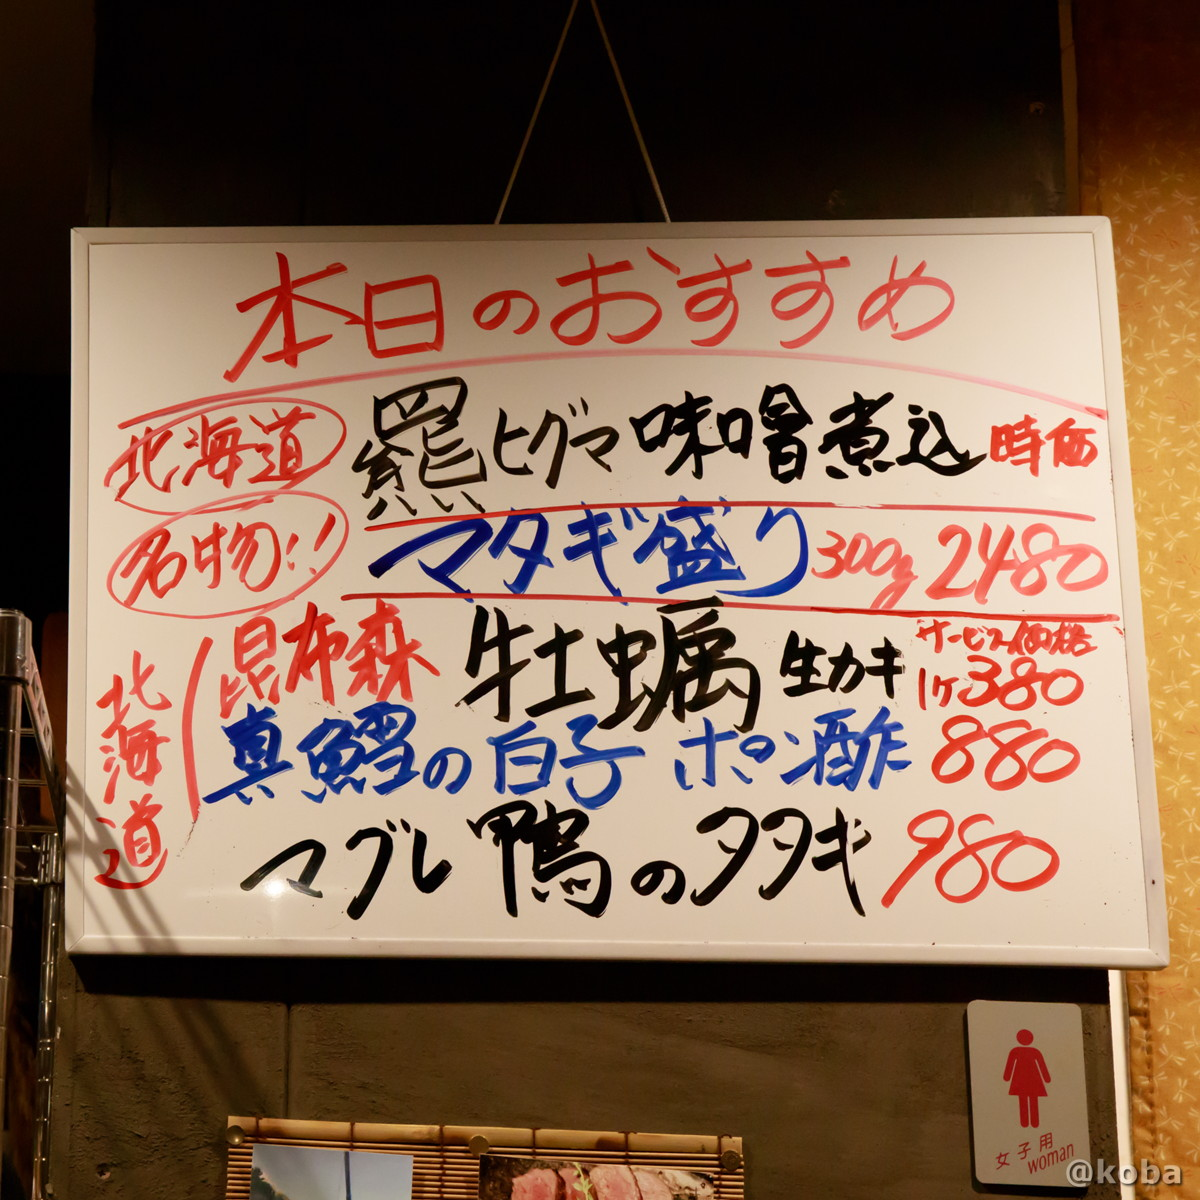 おすすめメニュー マタギ東京 錦糸町